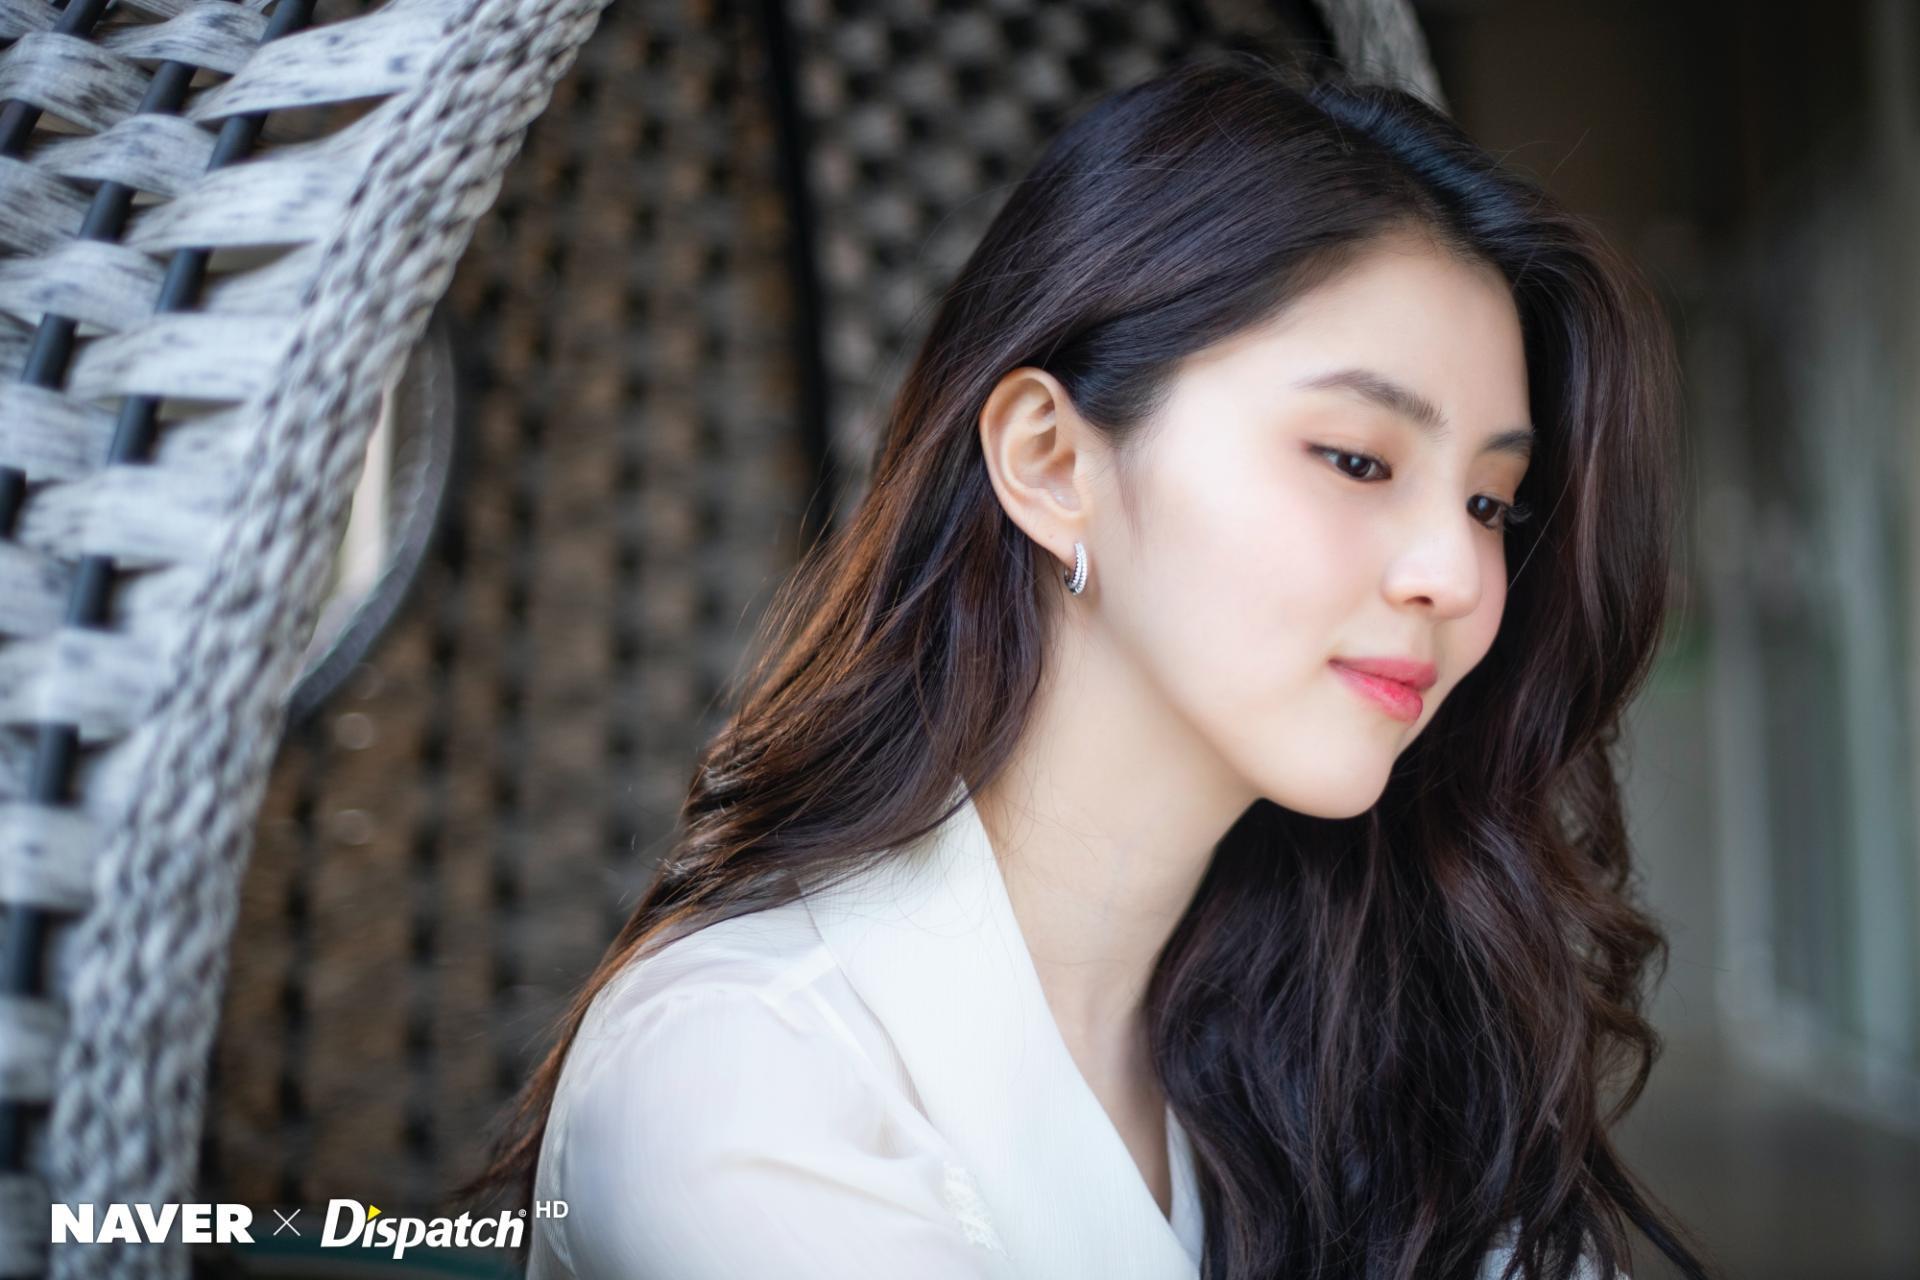 Soi nhược điểm mặt lệch, mũi ngắn của tiểu tam hot nhất xứ Hàn: Lý do cô luôn để một kiểu tóc nhất định là đây - Ảnh 3.